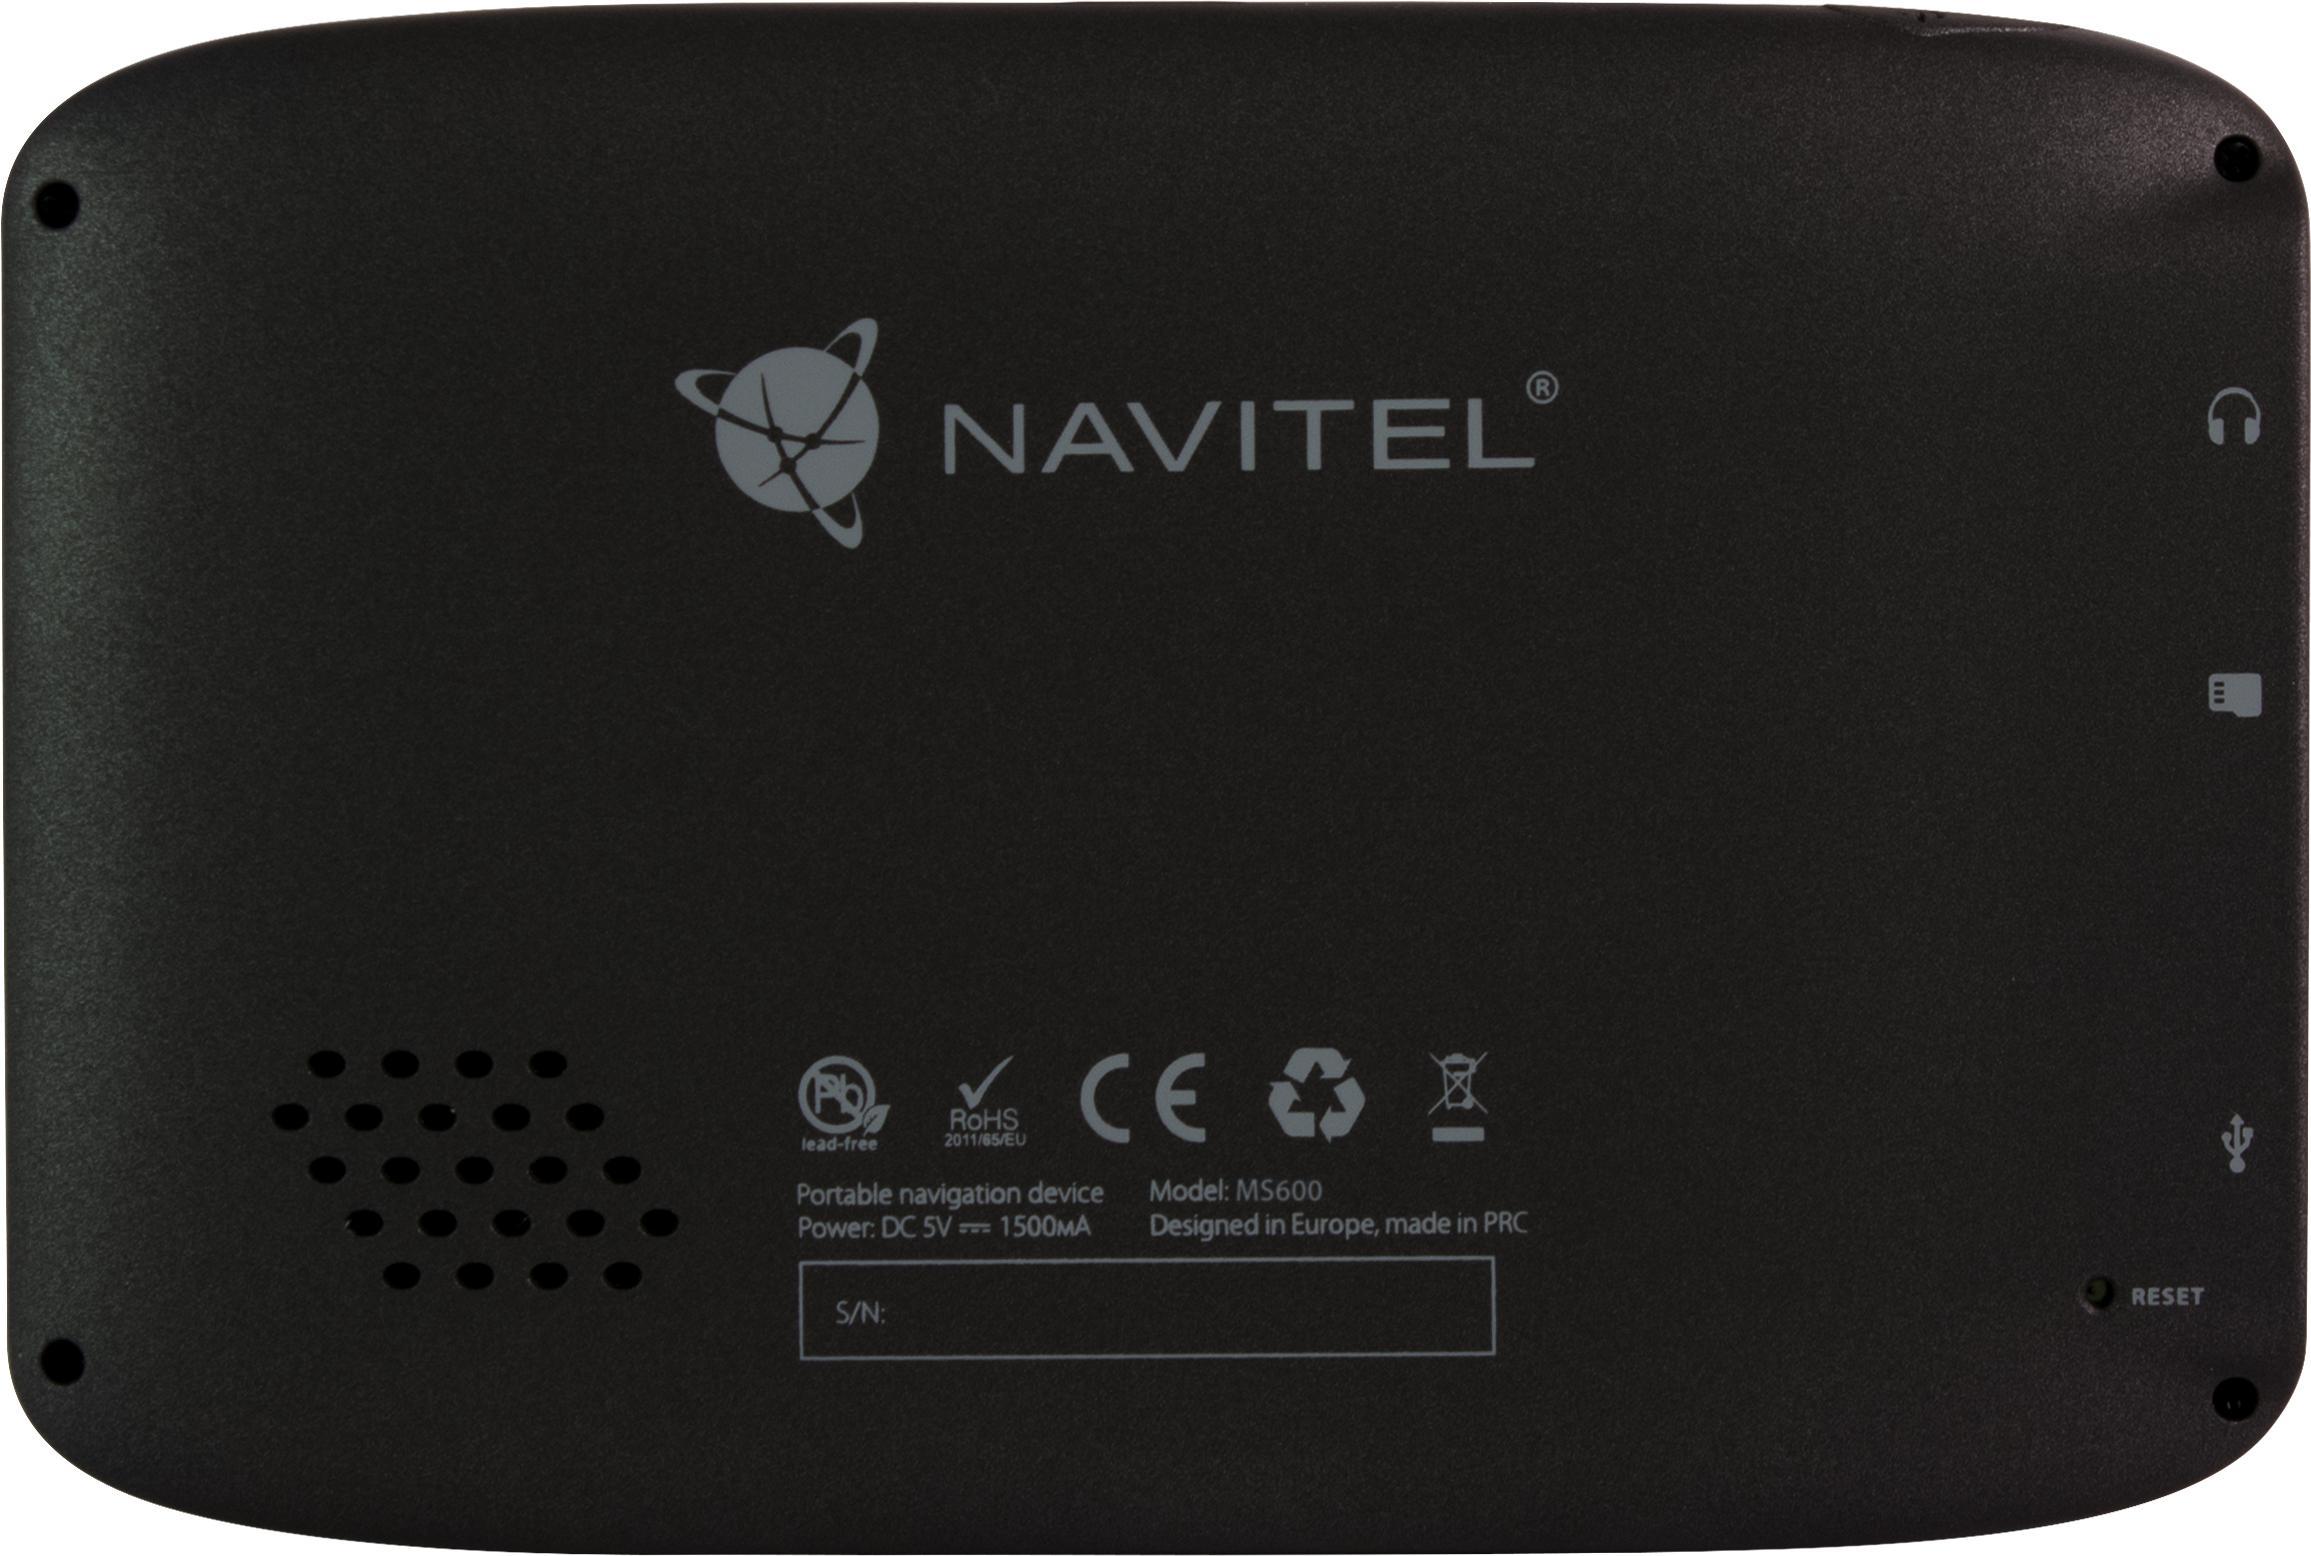 NAVMS400 NAVITEL tillverkarens upp till - 25% rabatt!